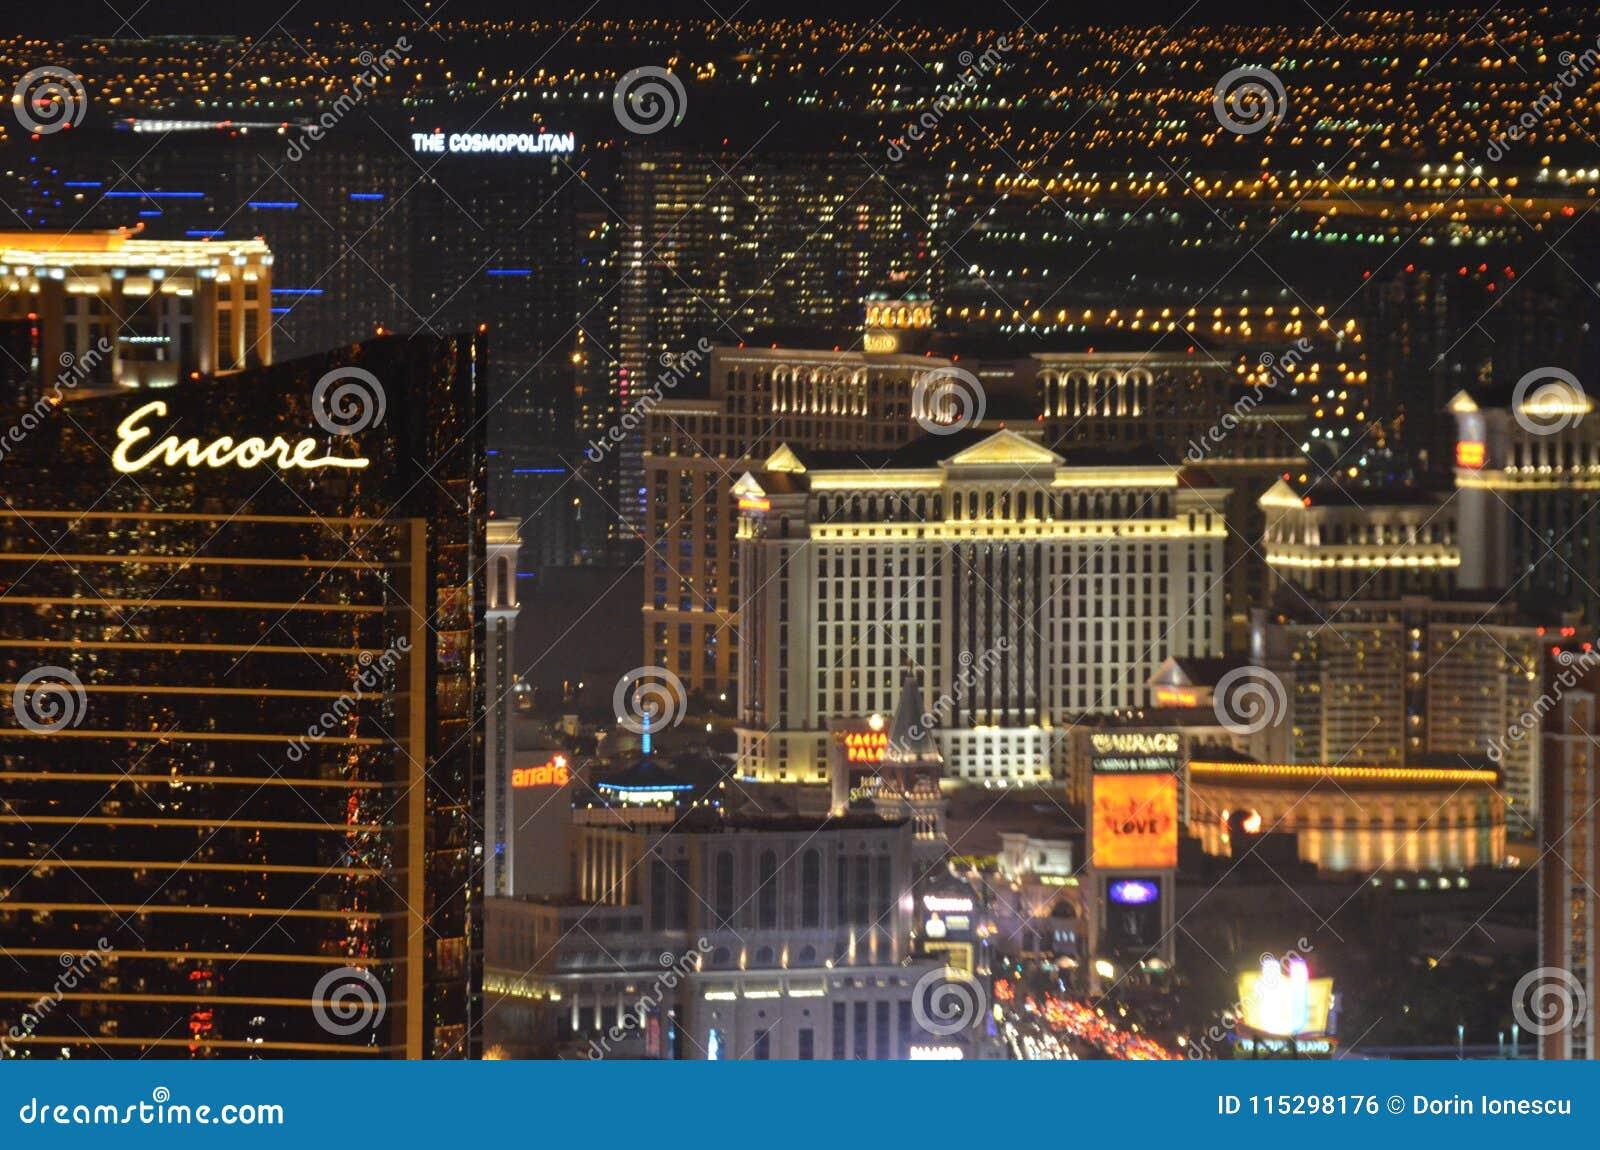 Гостиница Bellagio и казино, Лас-Вегас, Лас-Вегас, район метрополитена, метрополия, городской пейзаж, горизонт